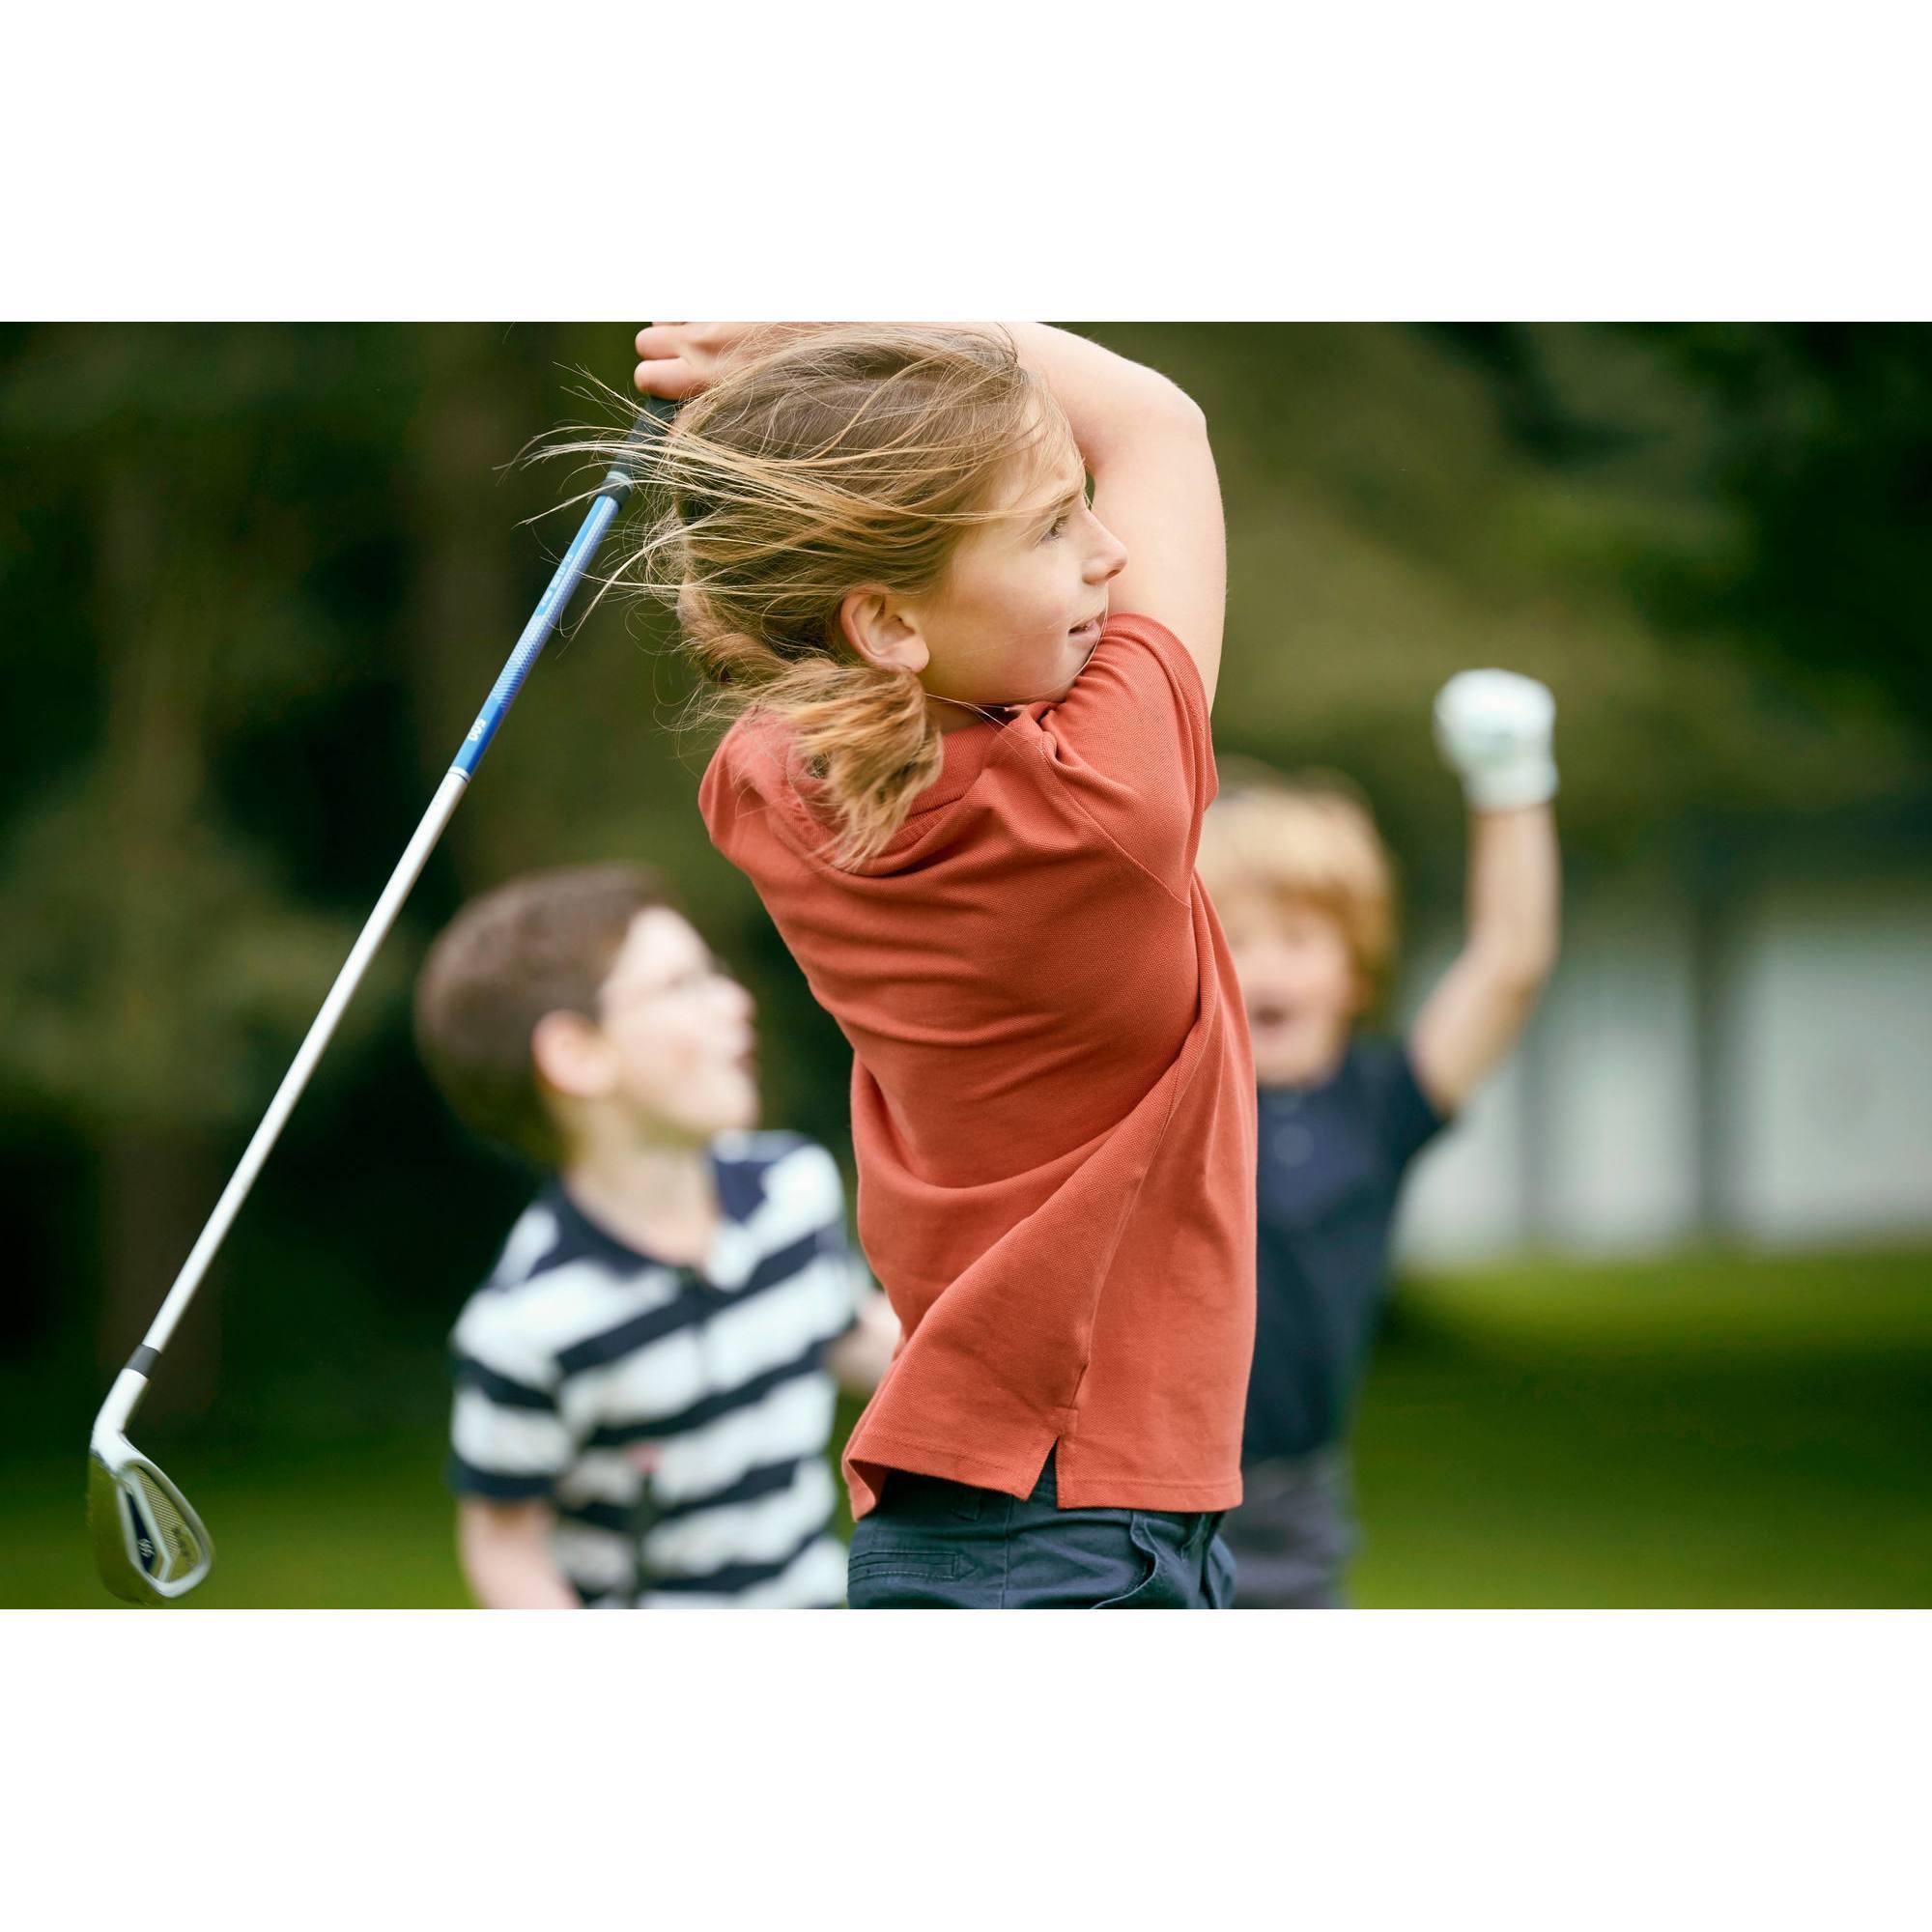 kit de golf enfant 11 13 ans droitier 500 clubs. Black Bedroom Furniture Sets. Home Design Ideas